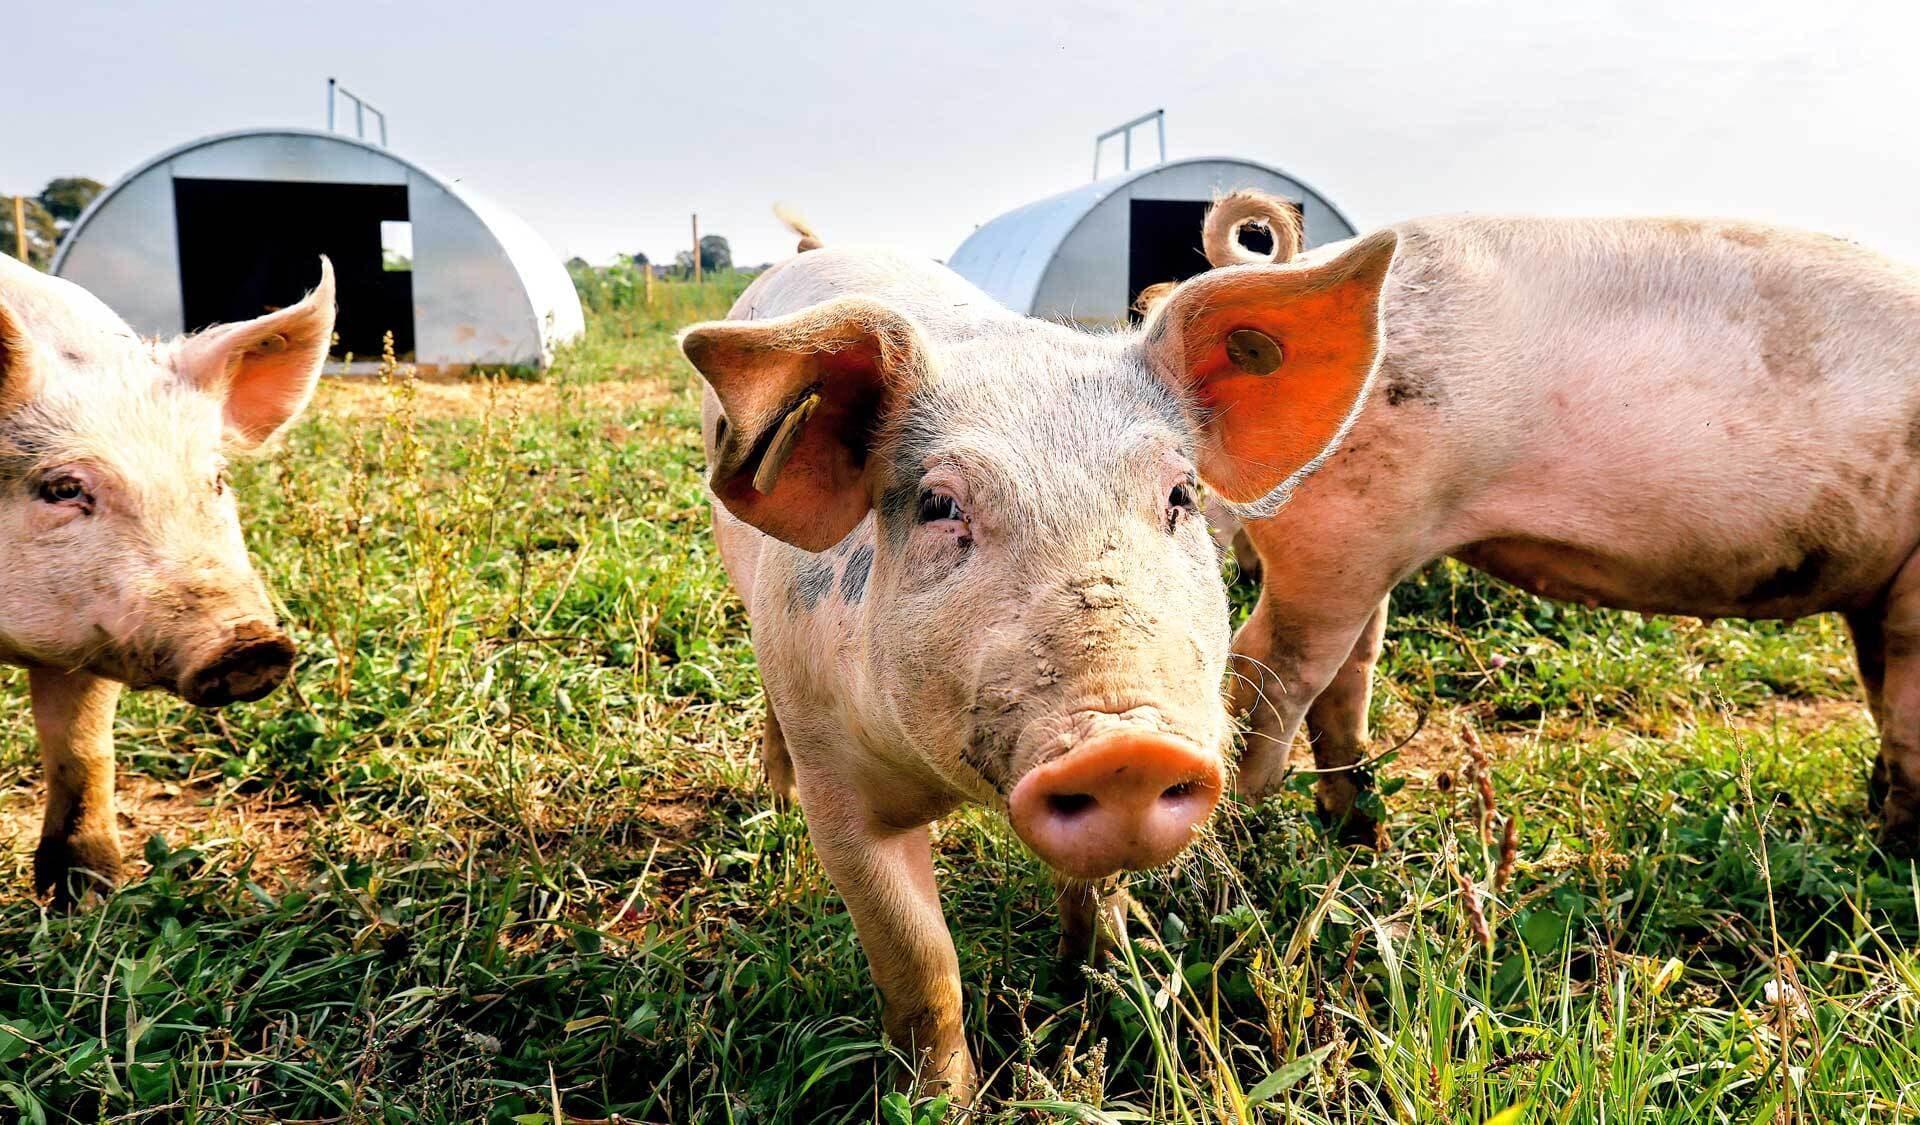 Bio-Schweine erkunden die Umgebung im Freien